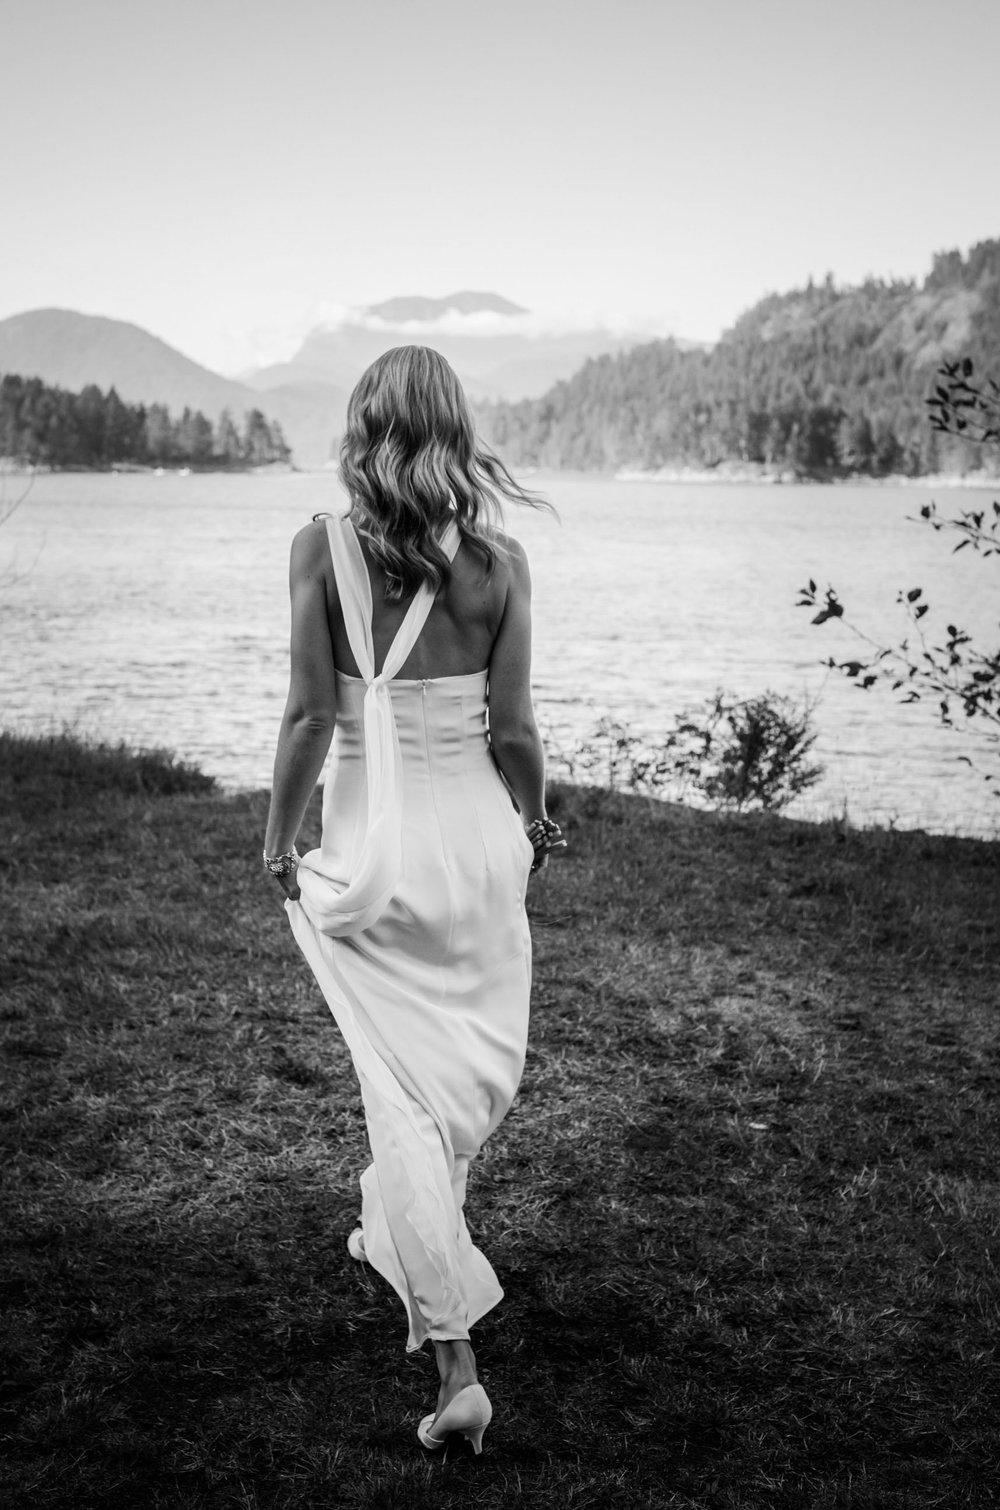 Sunshine Coast Wedding Photographer - Vancouver Wedding Photographer - West Coast Wilderness Lodge Wedding - Jennifer Picard Photography - IMG_8260.jpg